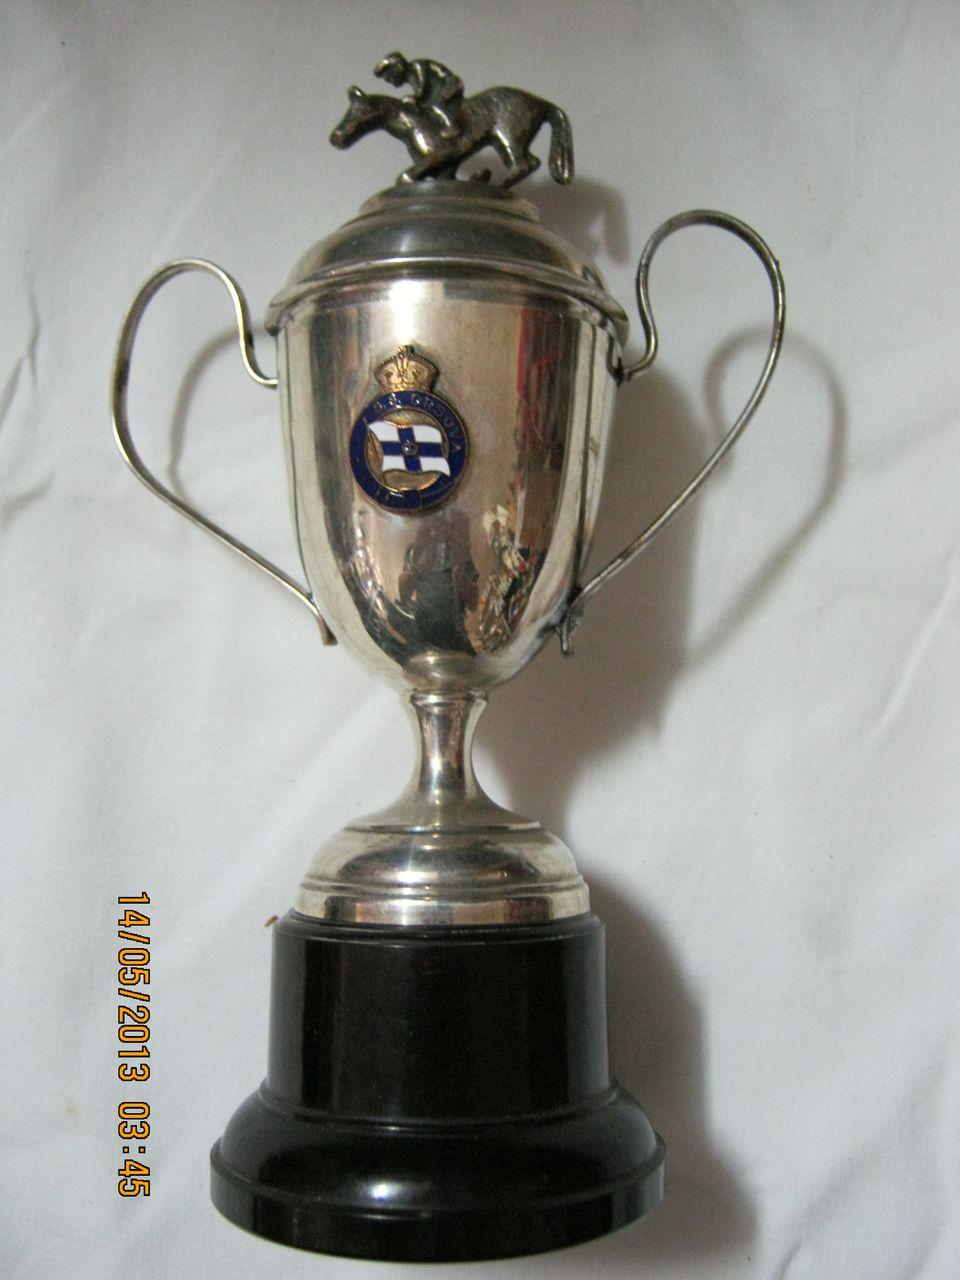 S.S. ORSOVA Trophy Cup Souvenir